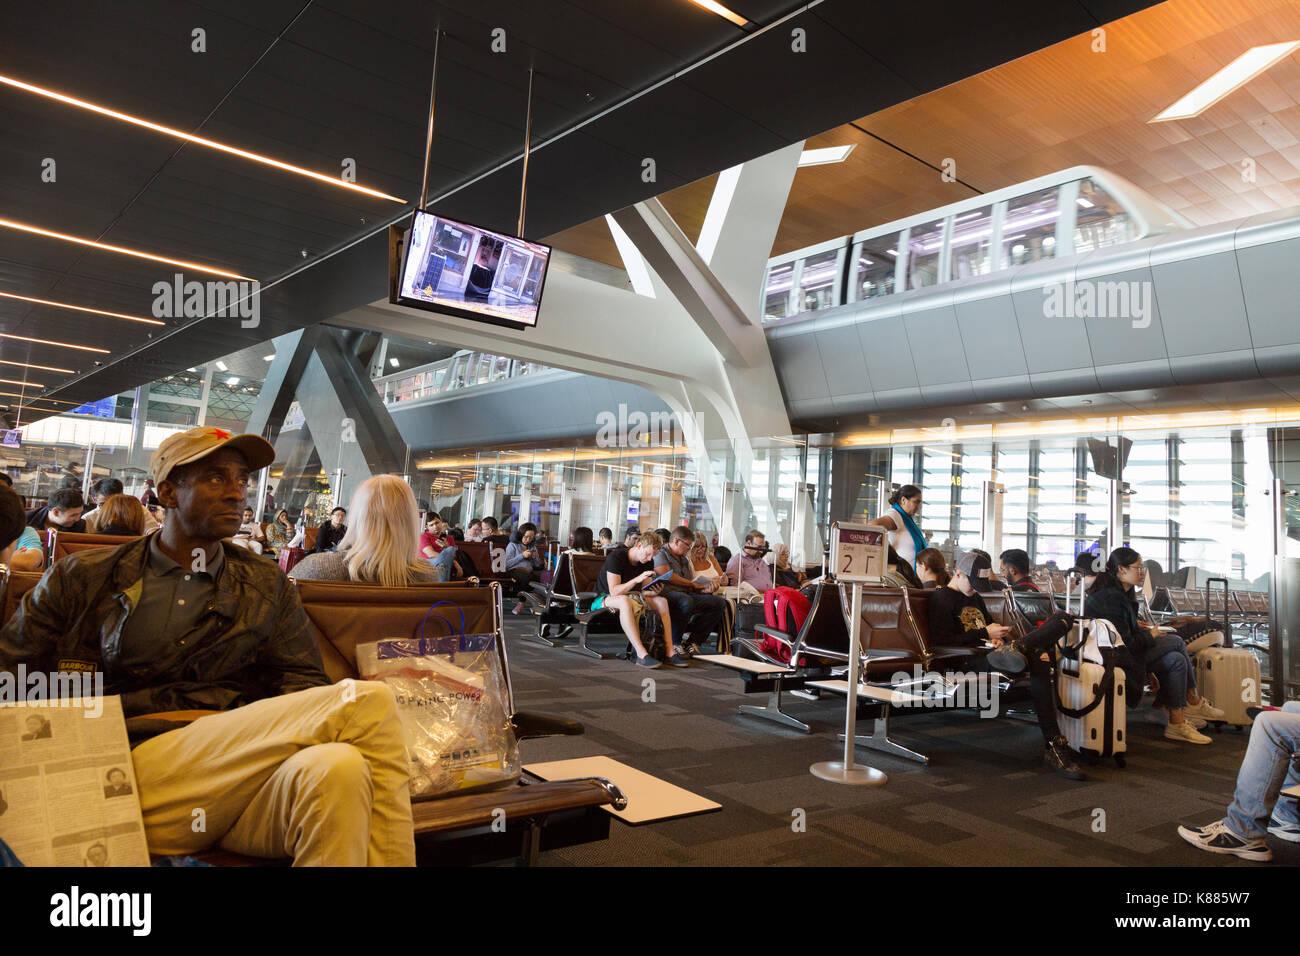 L'intérieur du terminal, l'aéroport international Hamad, Doha, Qatar, Moyen-Orient Banque D'Images